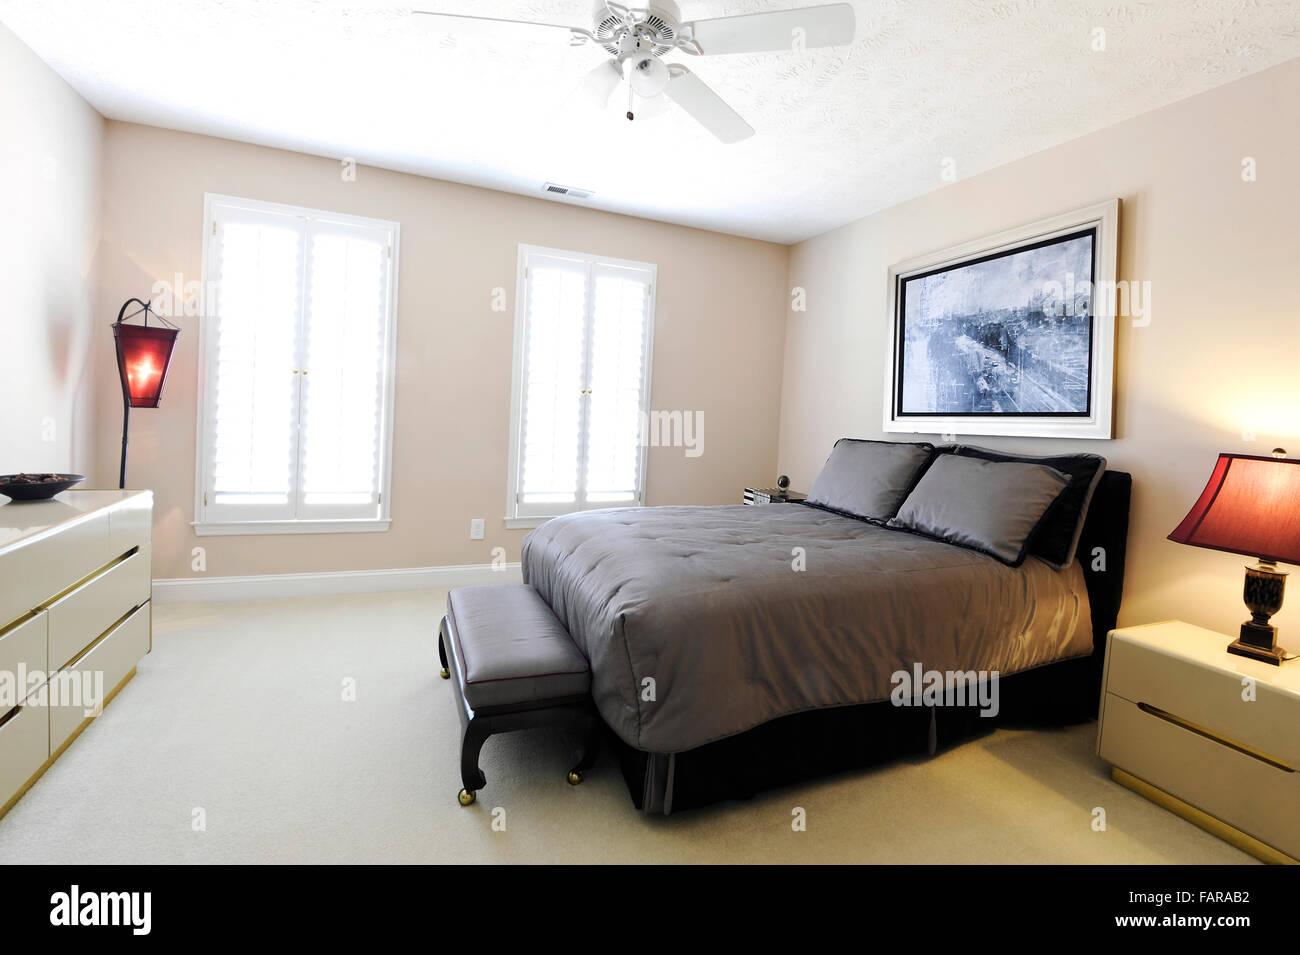 Chambre résidentielle contemporaine Photo Stock